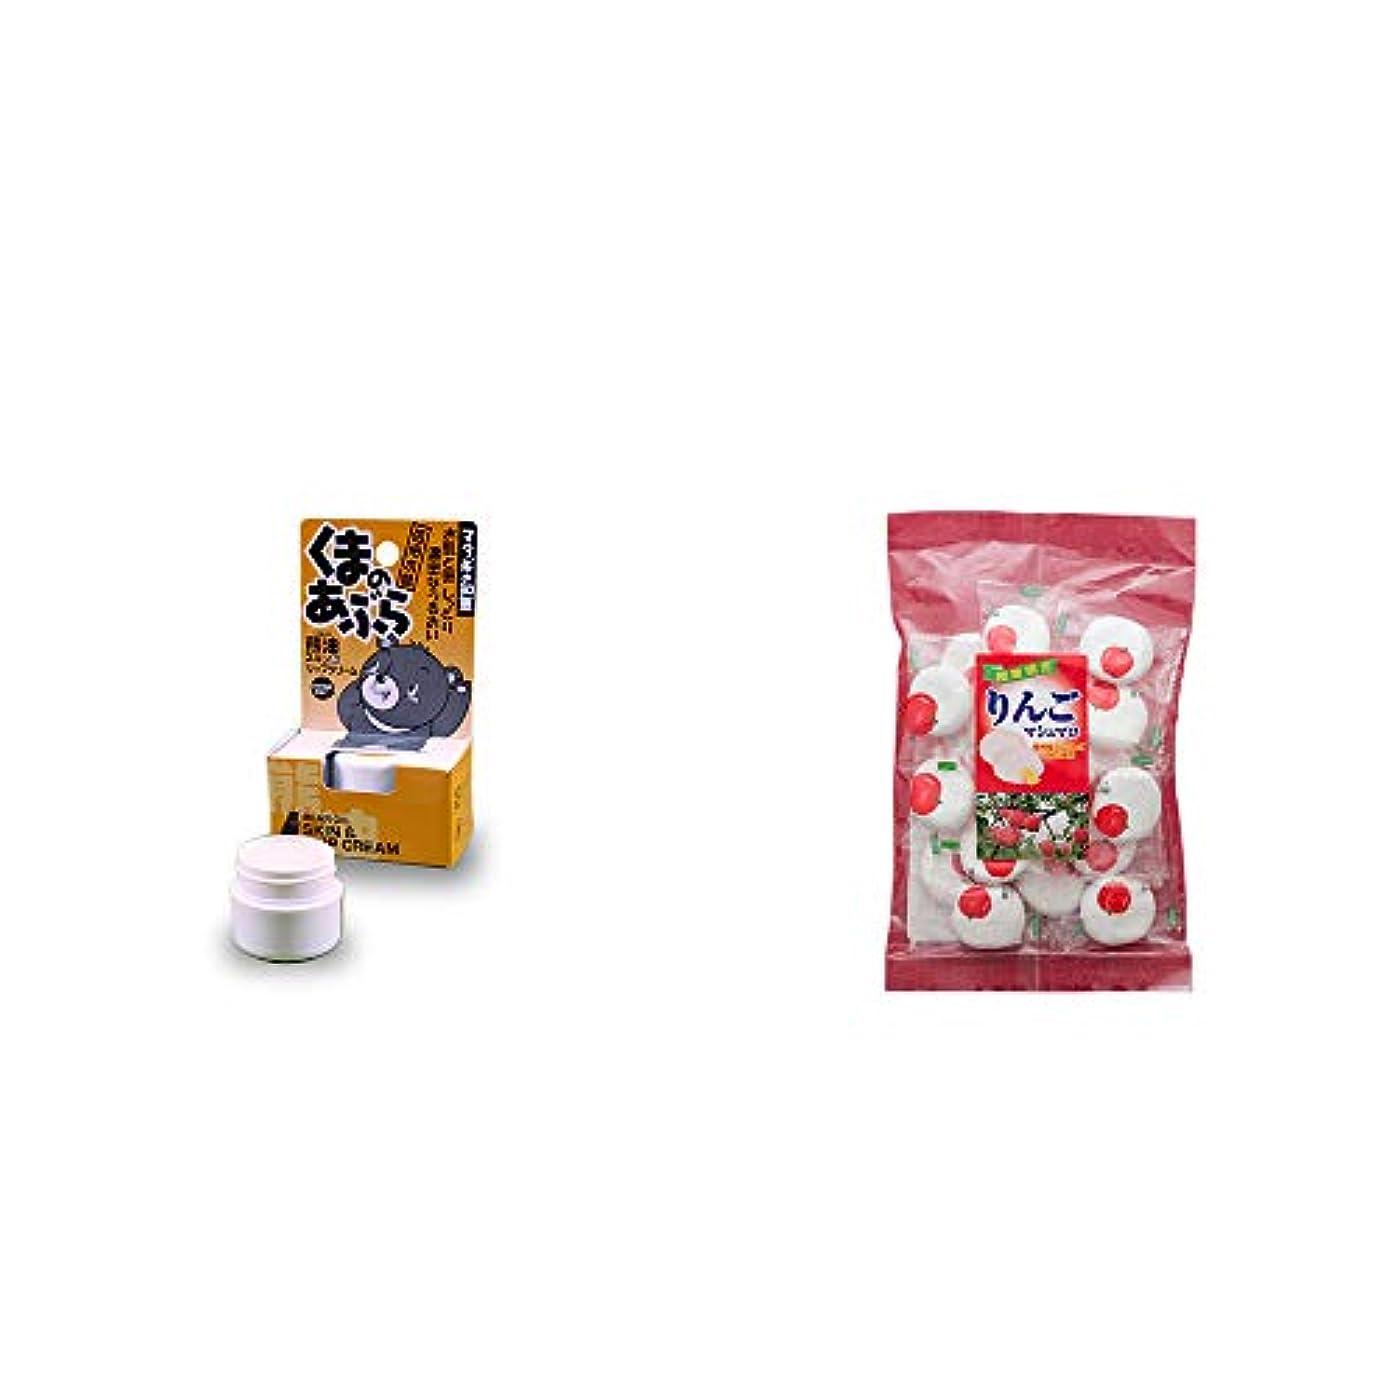 実行可能哀洋服[2点セット] 信州木曽 くまのあぶら 熊油スキン&リップクリーム(9g)?信州りんご100%使用 りんごマシュマロ(110g)